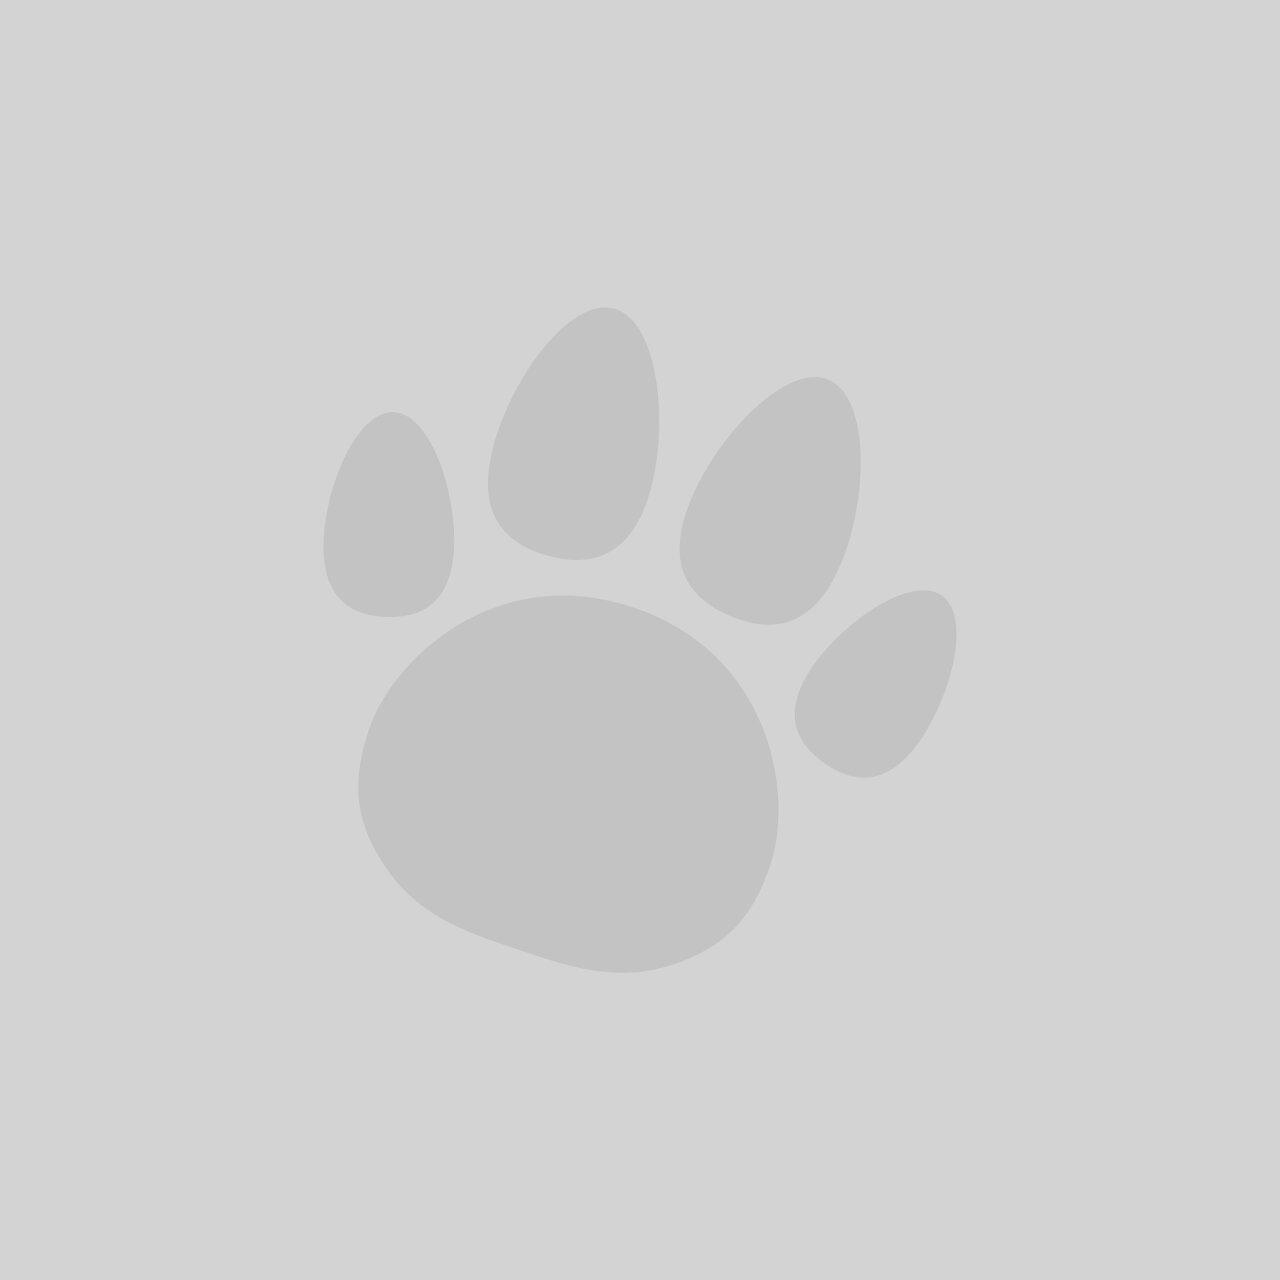 Flexi Classic Retractable Tape Small Dog Lead 5m - Black